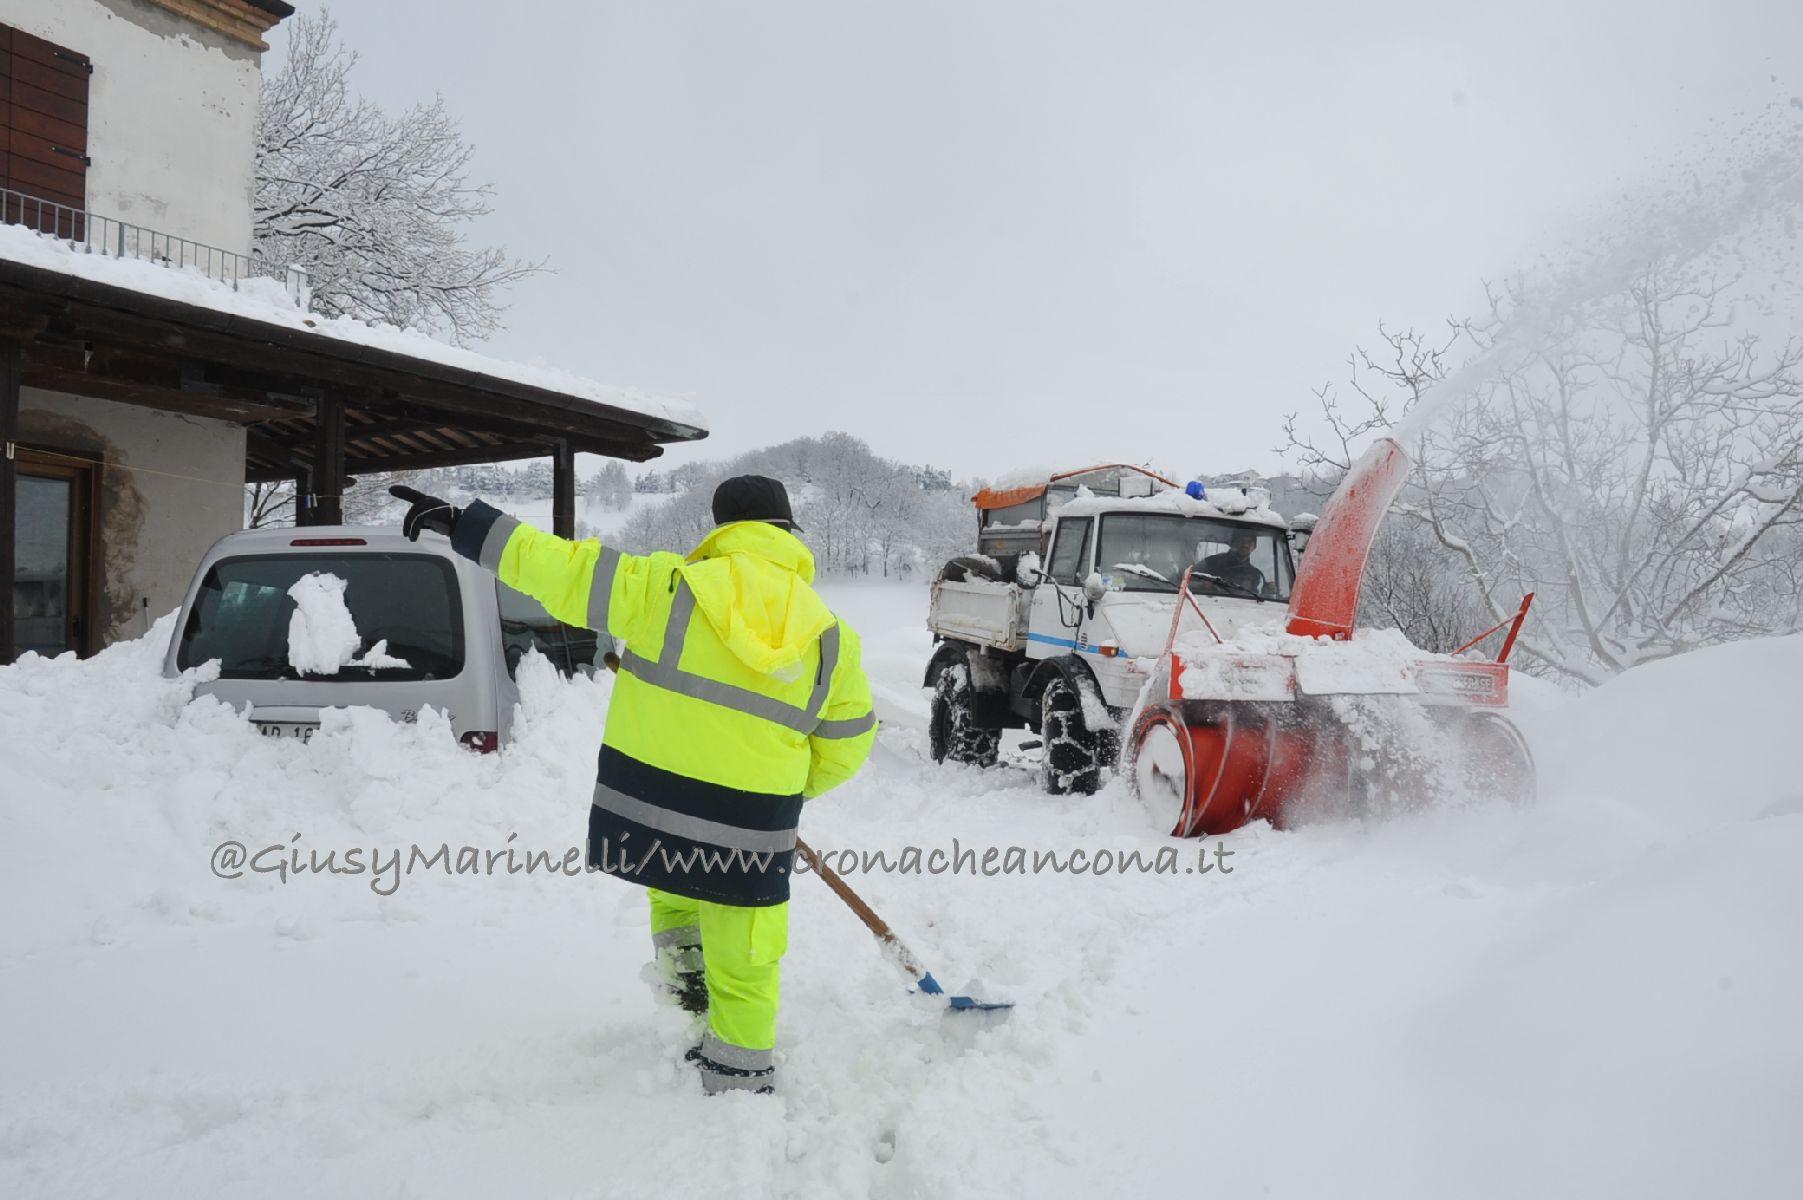 Ufficio Lavoro Senigallia : Neve in arrivo senigallia cerca spalatori per pulire strade e